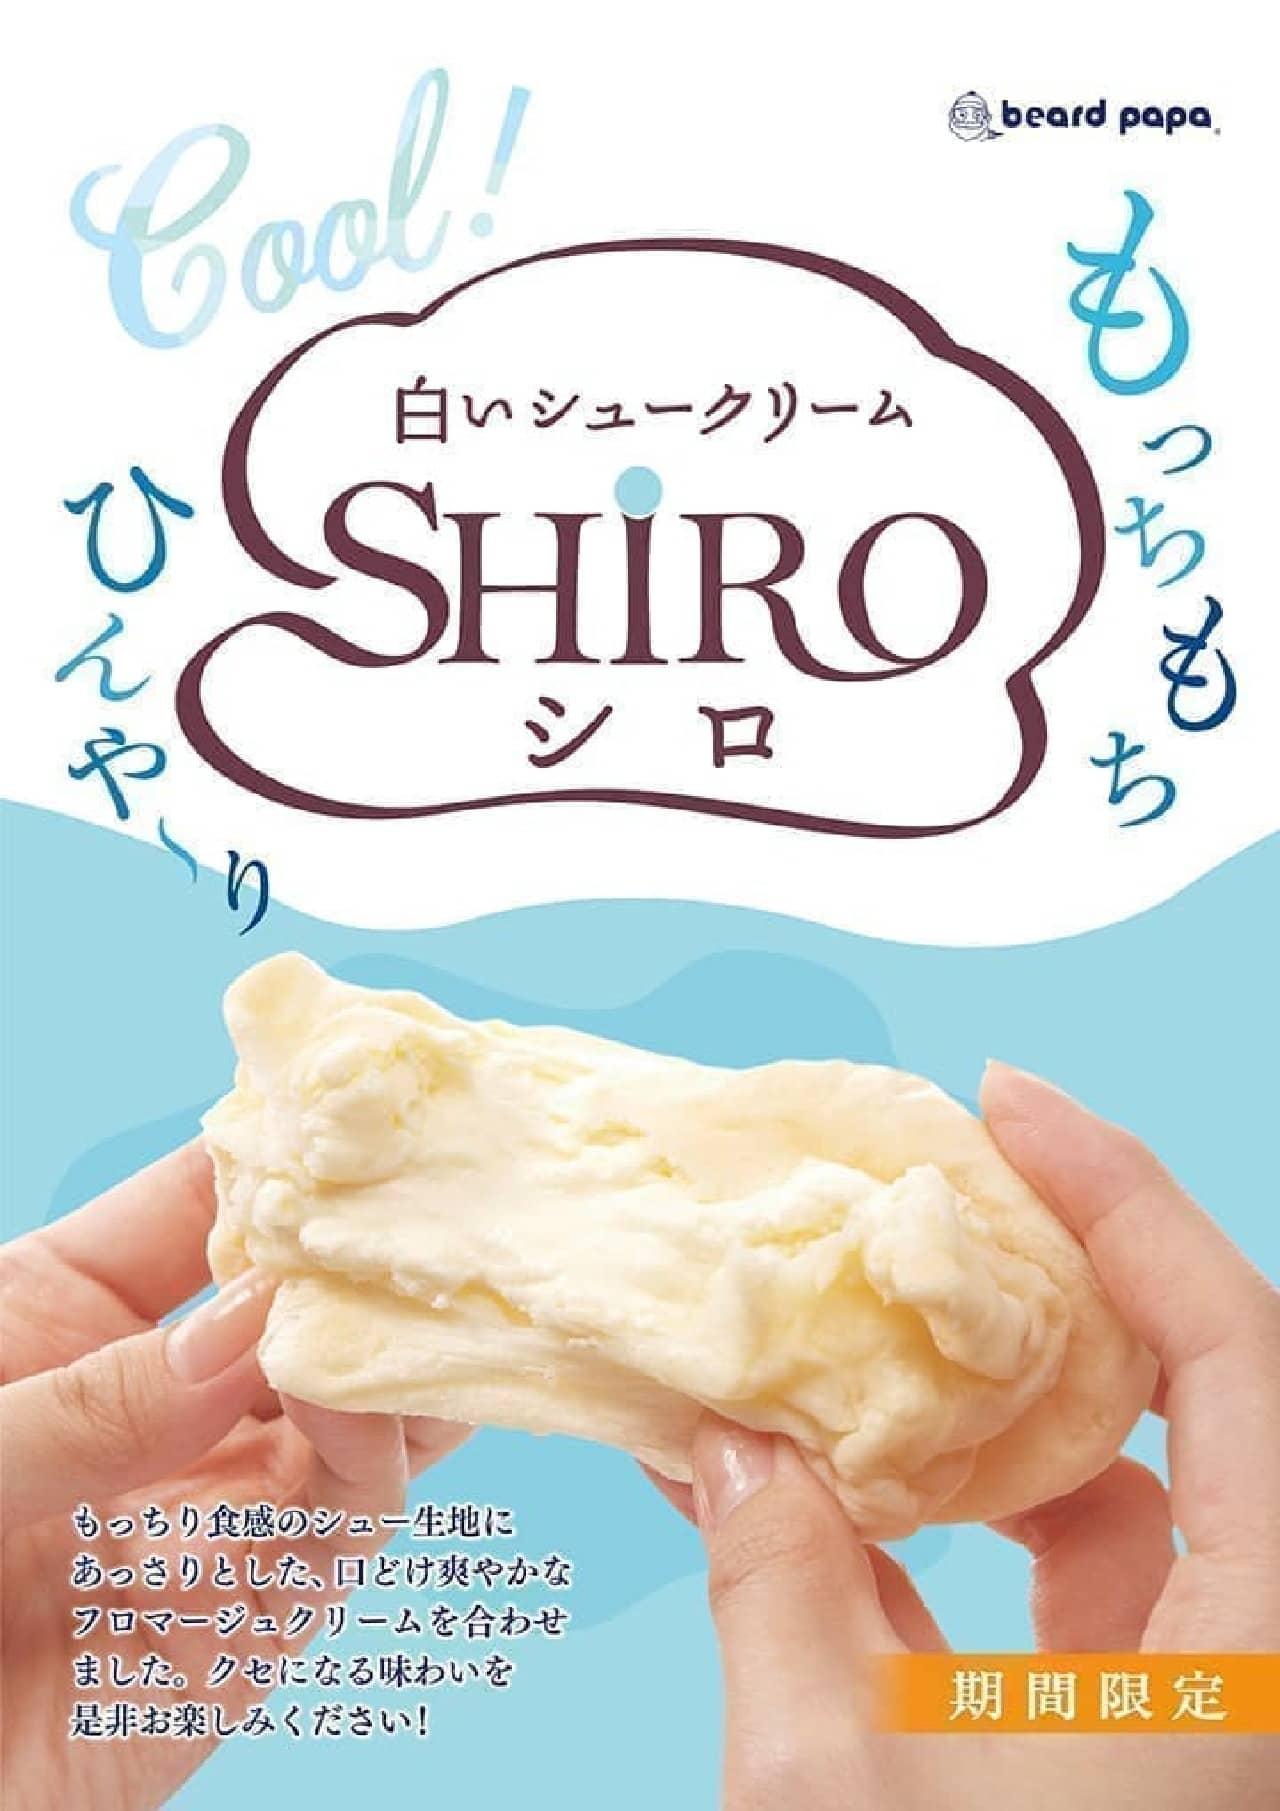 ビアードパパ「SHIRO(シロ)」